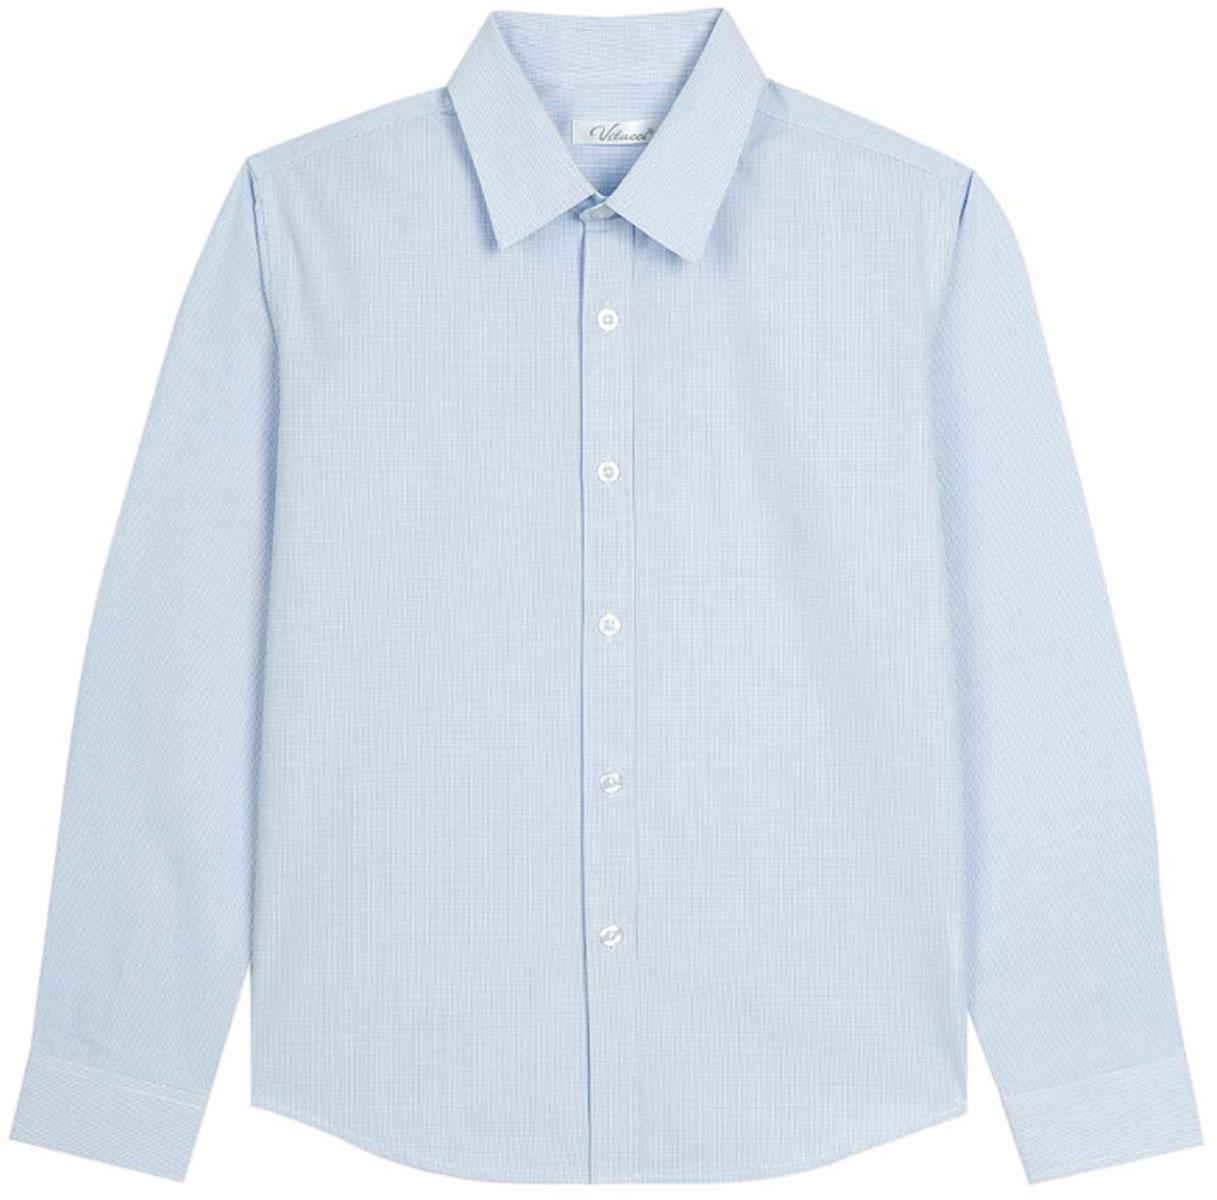 Рубашка для мальчика Vitacci, цвет: голубой. 1173018М-10. Размер 1641173018М-10Рубашка для мальчика выполнена из хлопка и полиэстера. Модель с отложным воротником и длинными рукавами застегивается на пуговицы.